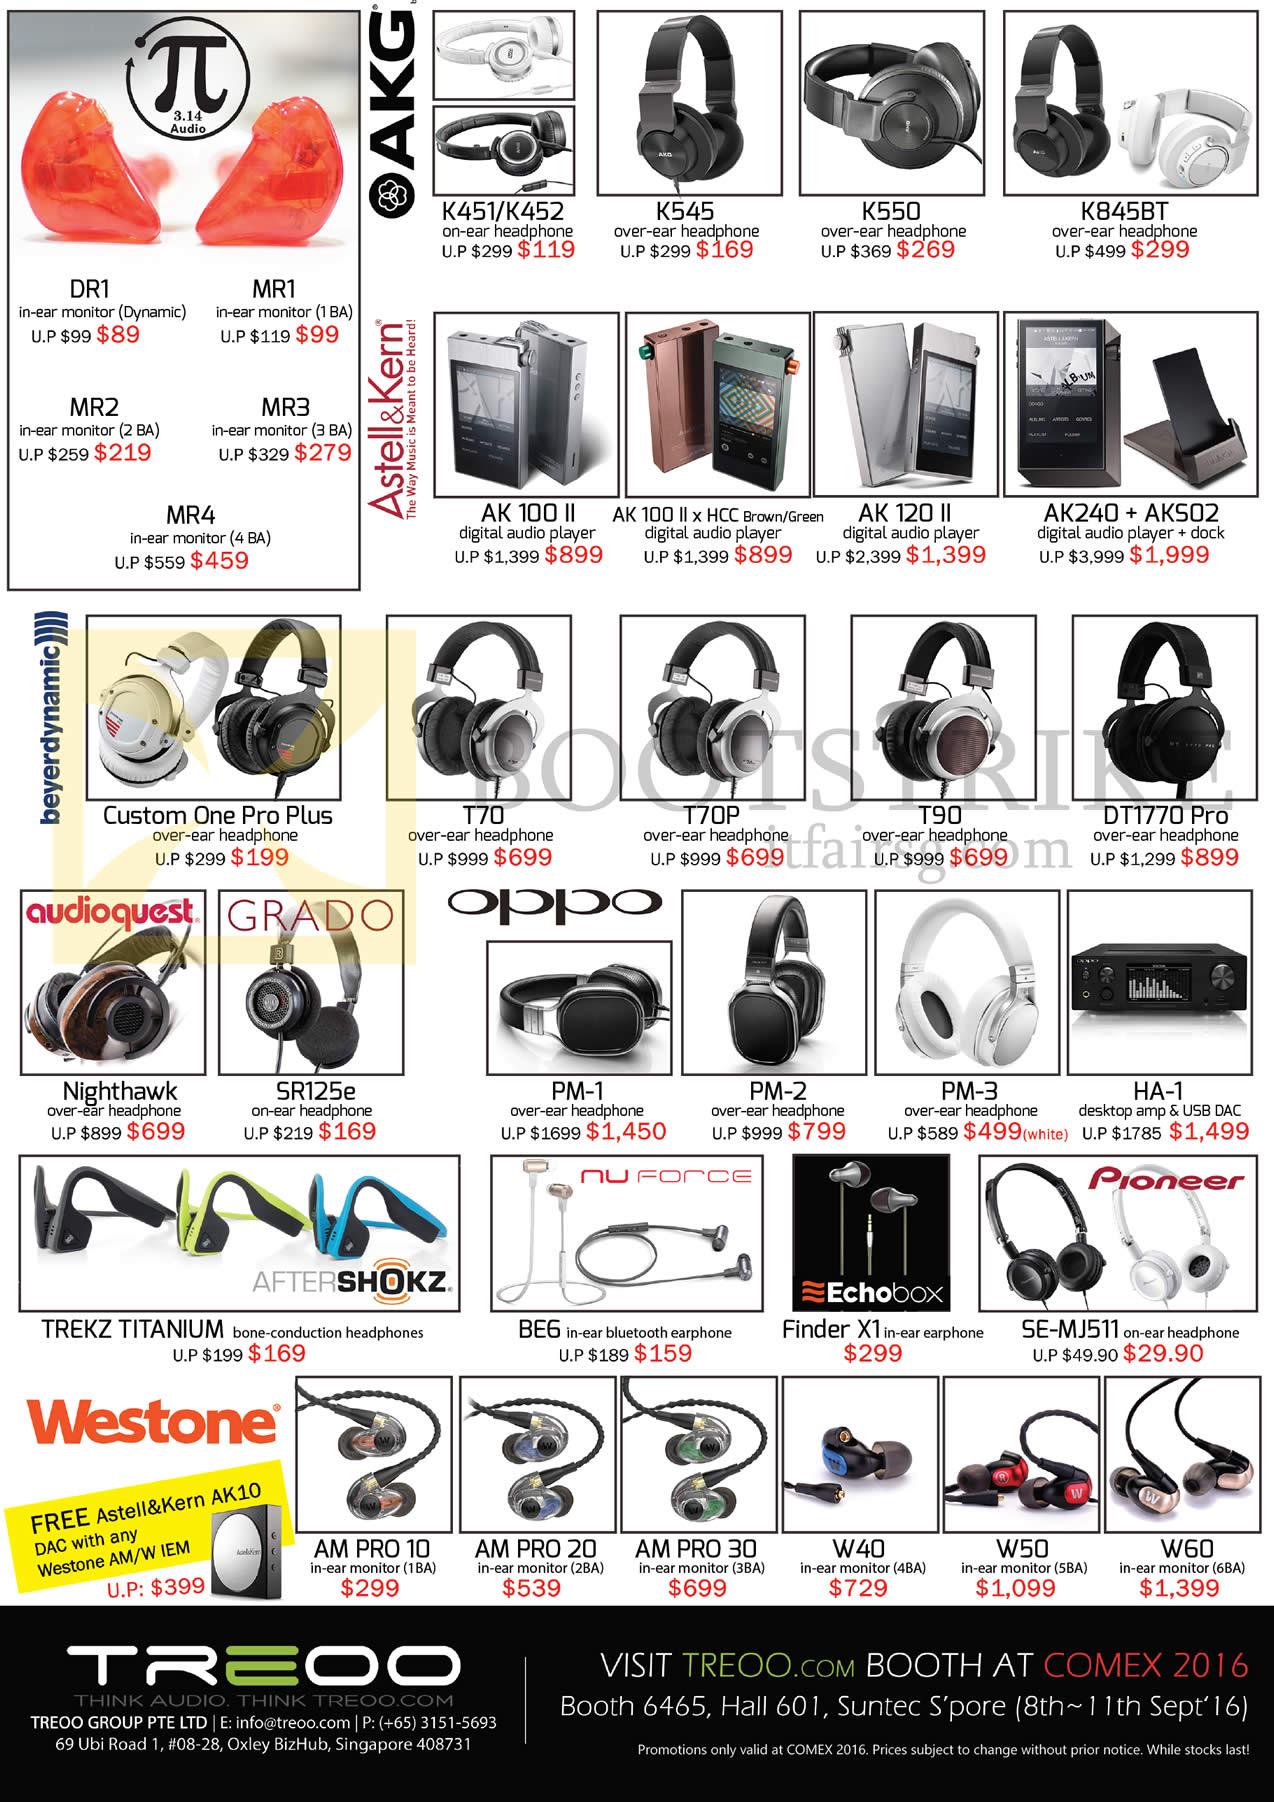 COMEX 2016 price list image brochure of Treoo Headphones, Earphones, AKG, Astell N Kern, Beyerdynamic, Audioquest, Oppo, Westone, Pioneer, Nuforce, K451, AK120 II, DT1770Pro, Nighthawk, PM-1, Trekz Titanium, BE6